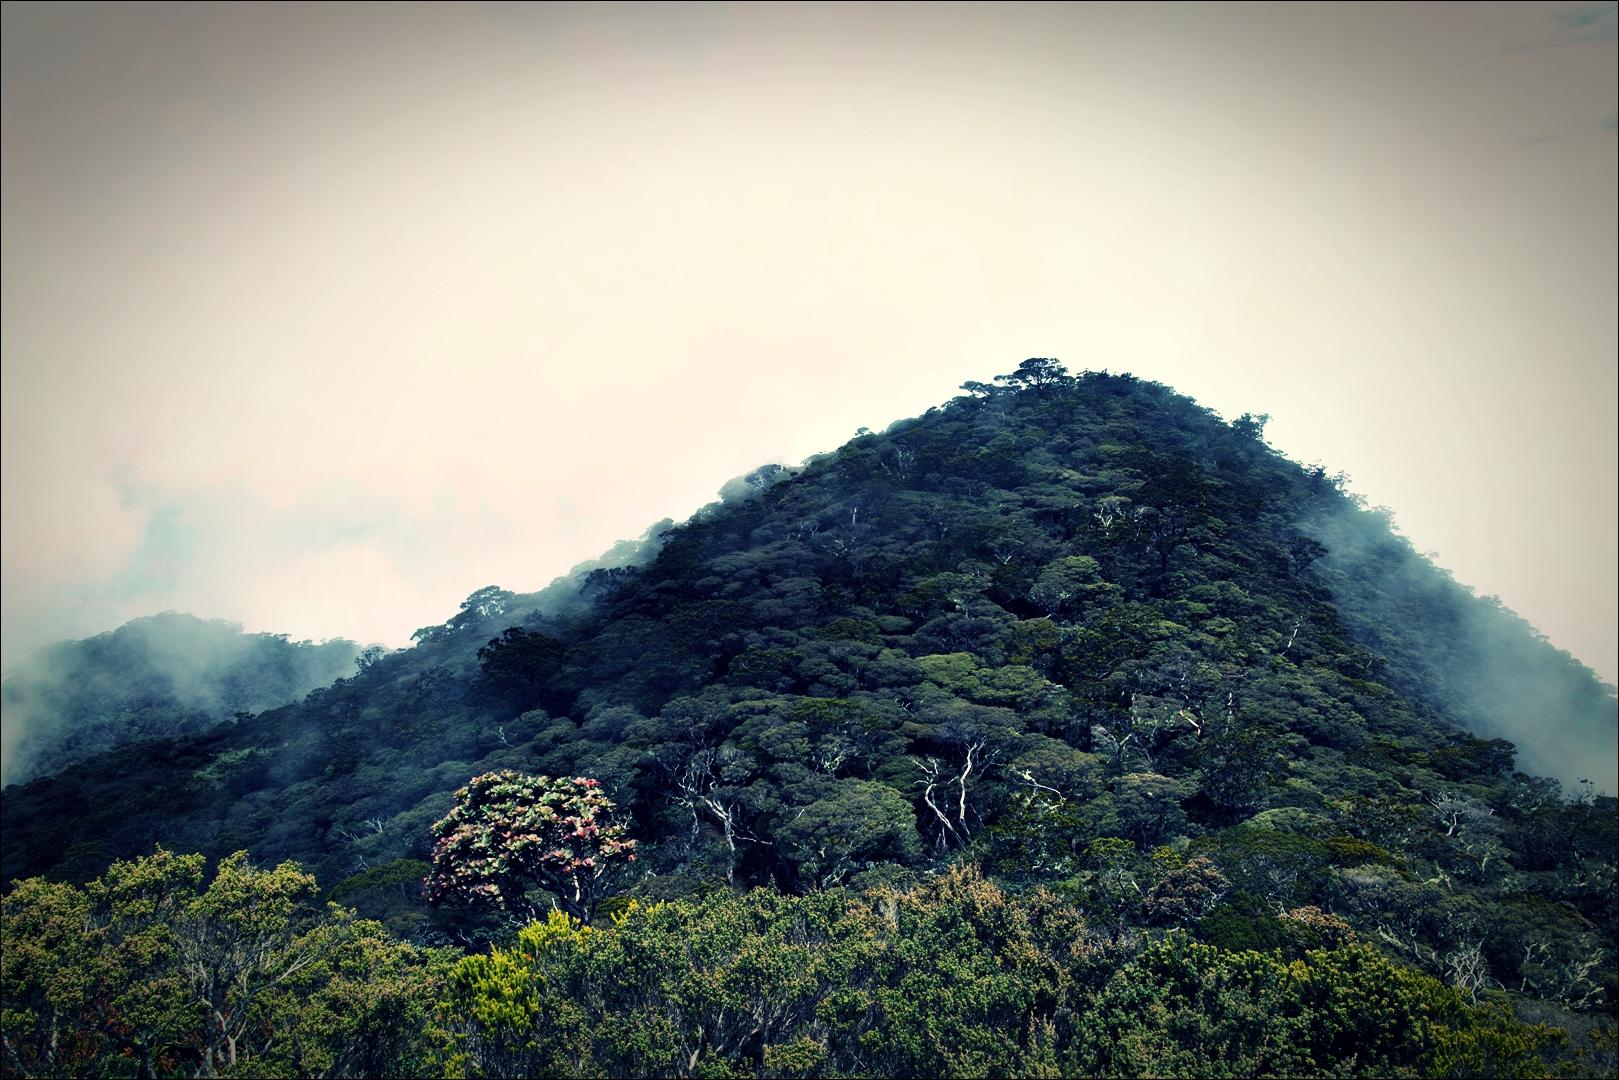 안개낀 산-'키나발루 산 등정 Climbing mount Kinabalu Low's peak the summit'